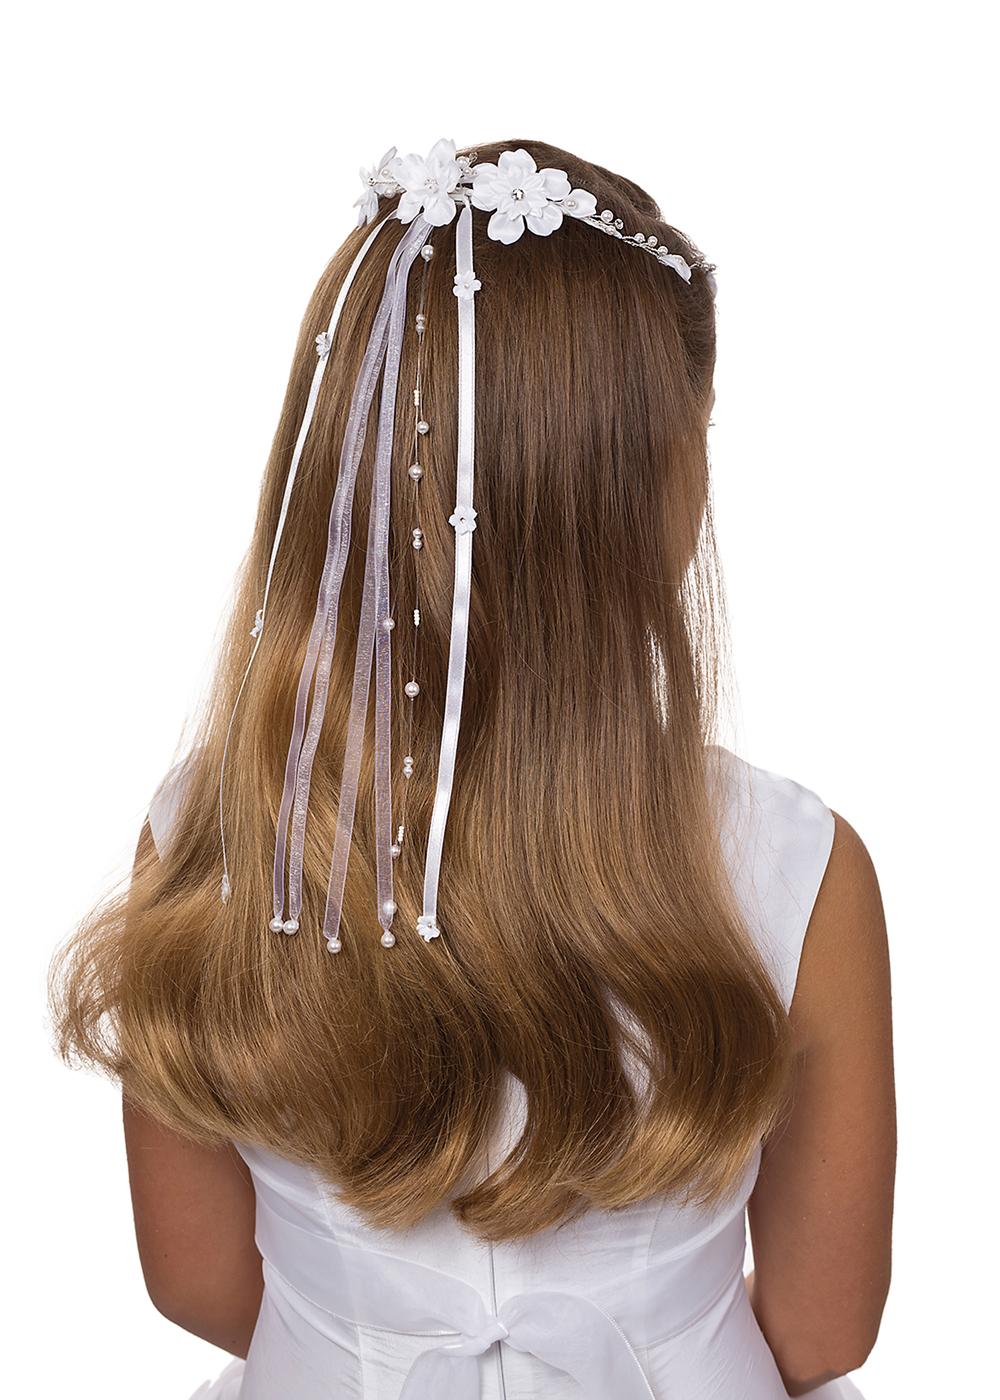 Kommunion Accessoires für Mädchen. Haarschmuck Modell   227366_mak_4c